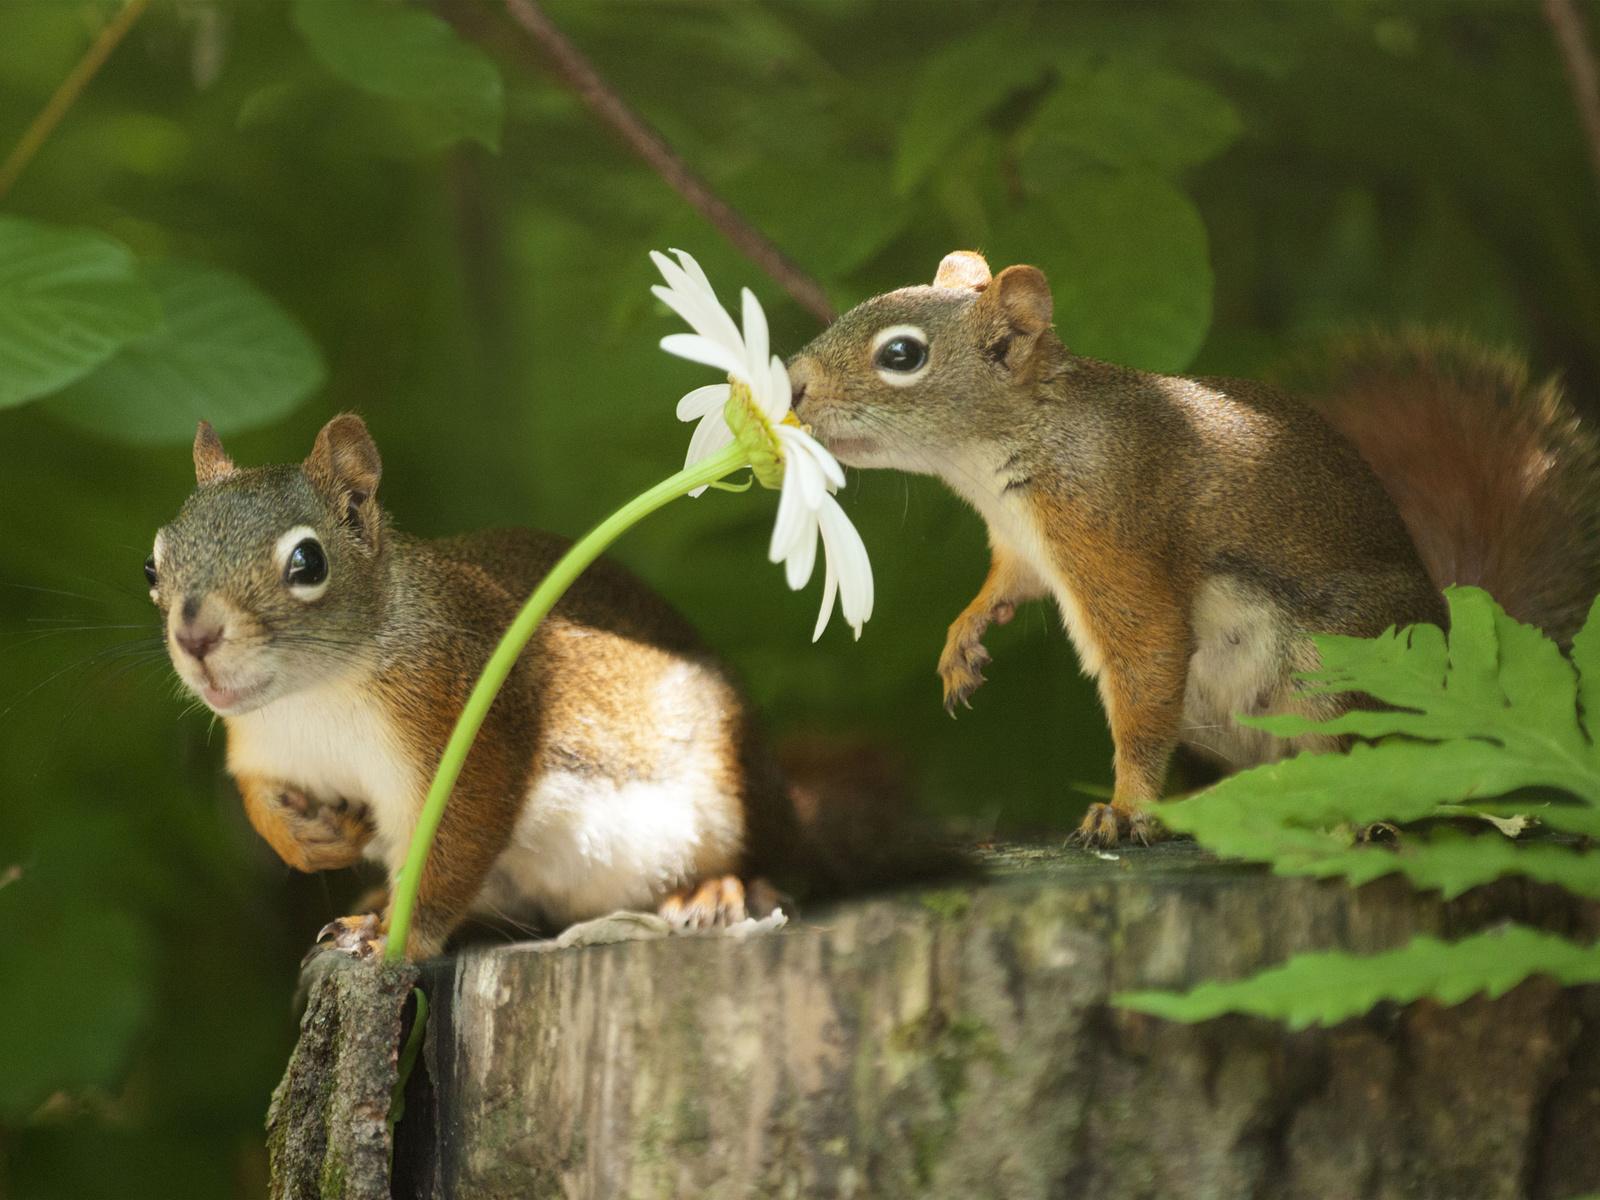 животные, грызуны, белки, парочка, природа, пень, листья, цветок, ромашка